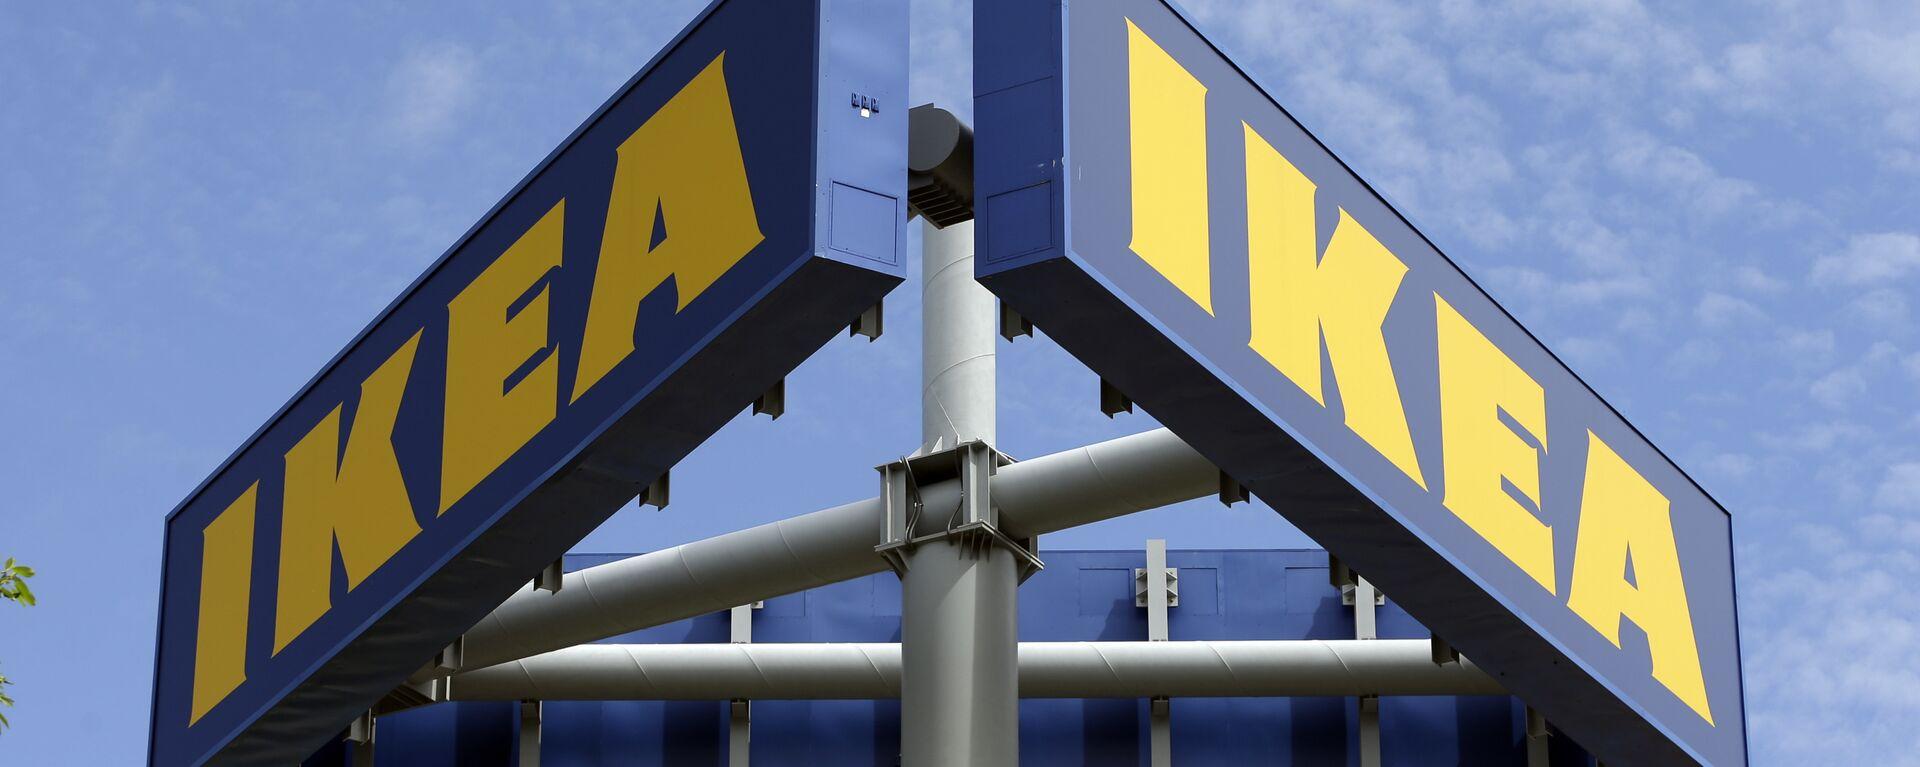 IKEA store - Sputnik Italia, 1920, 15.06.2021